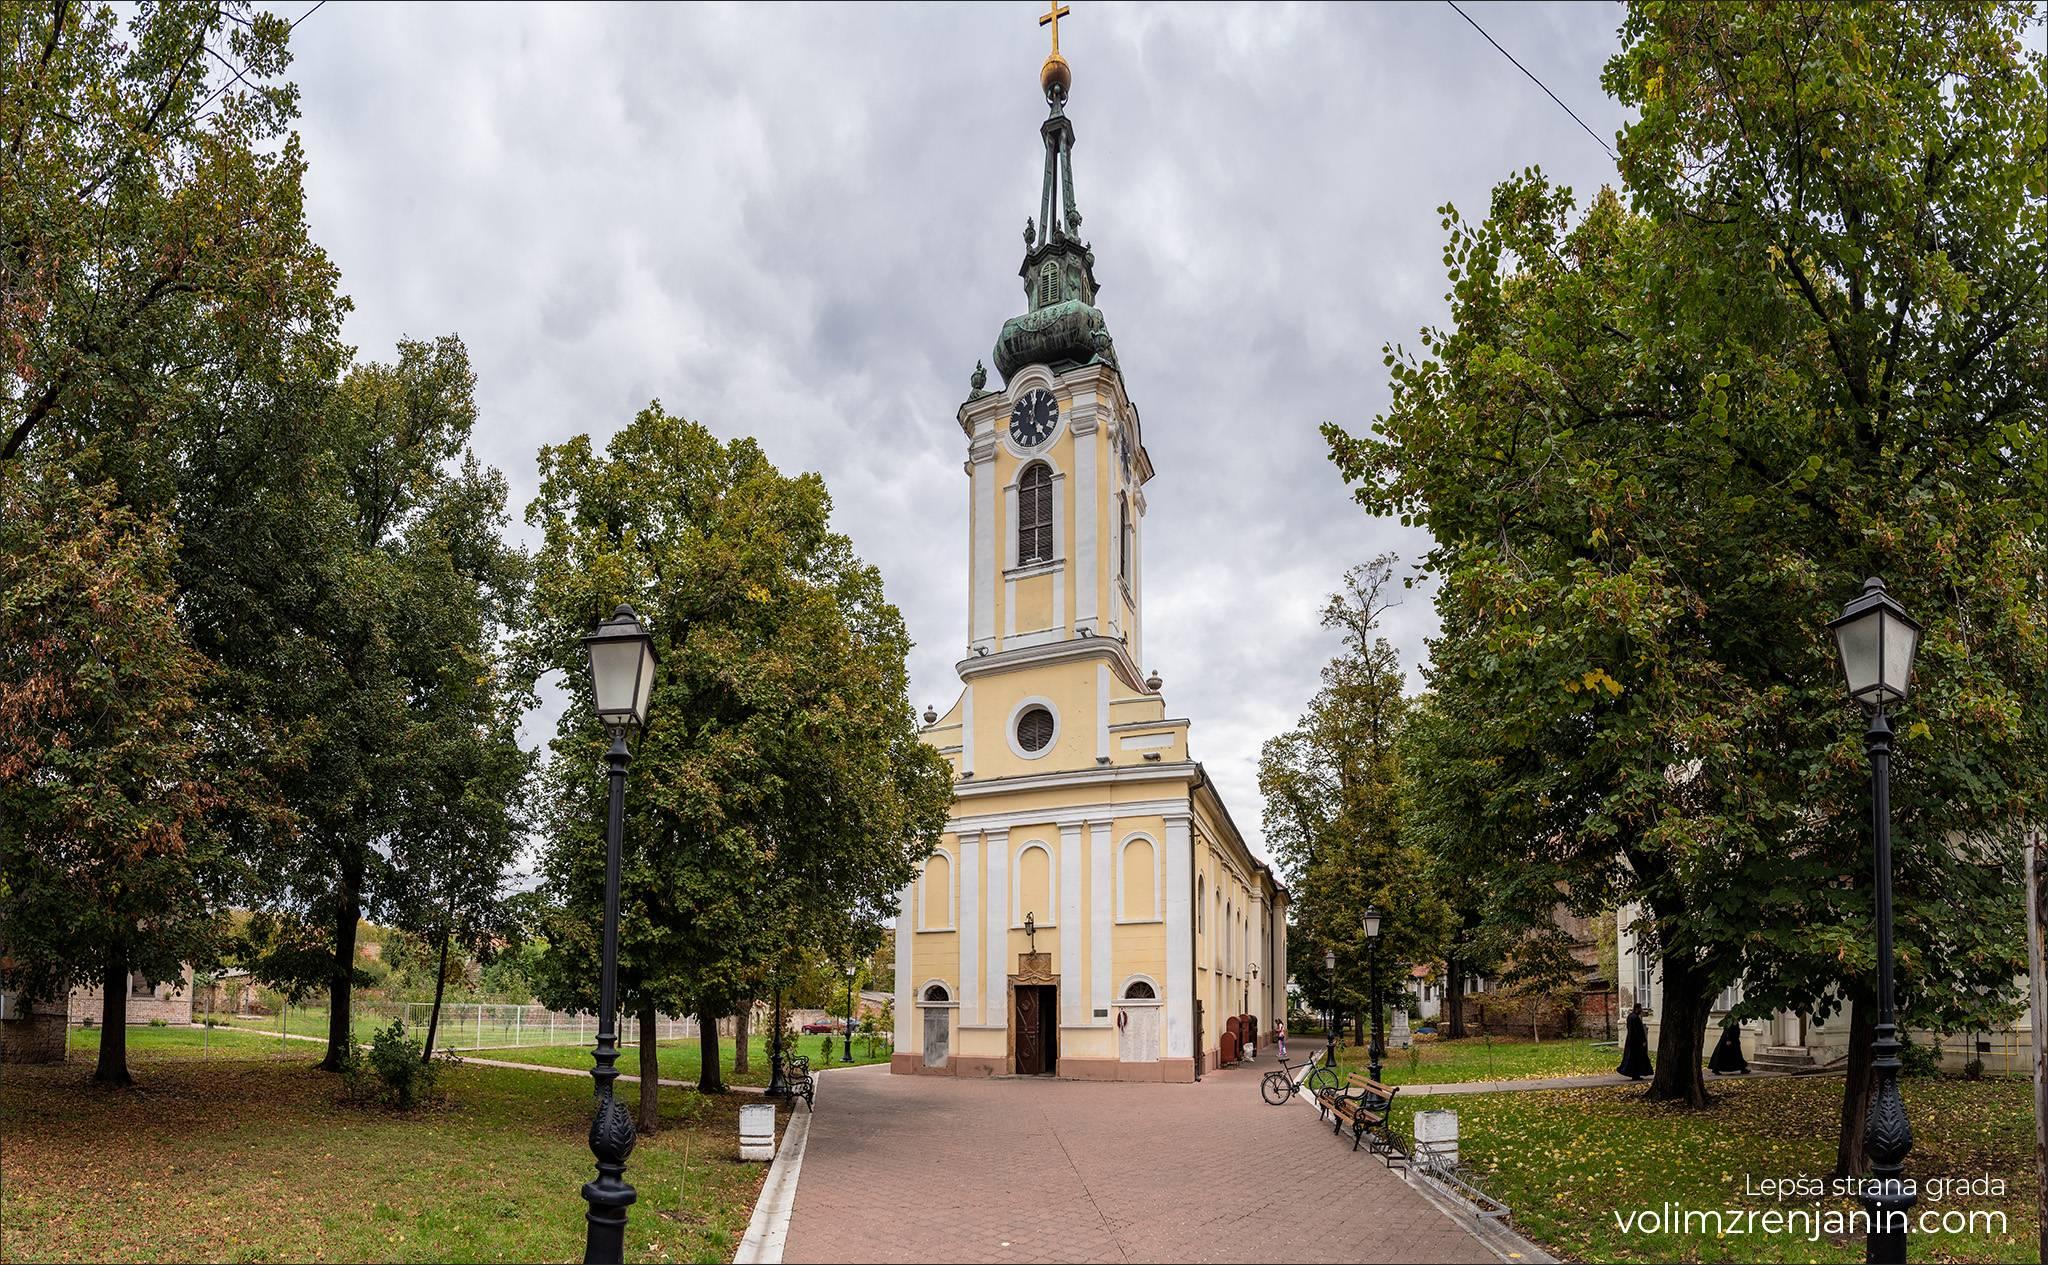 pravoslavna crkva zrenjanin